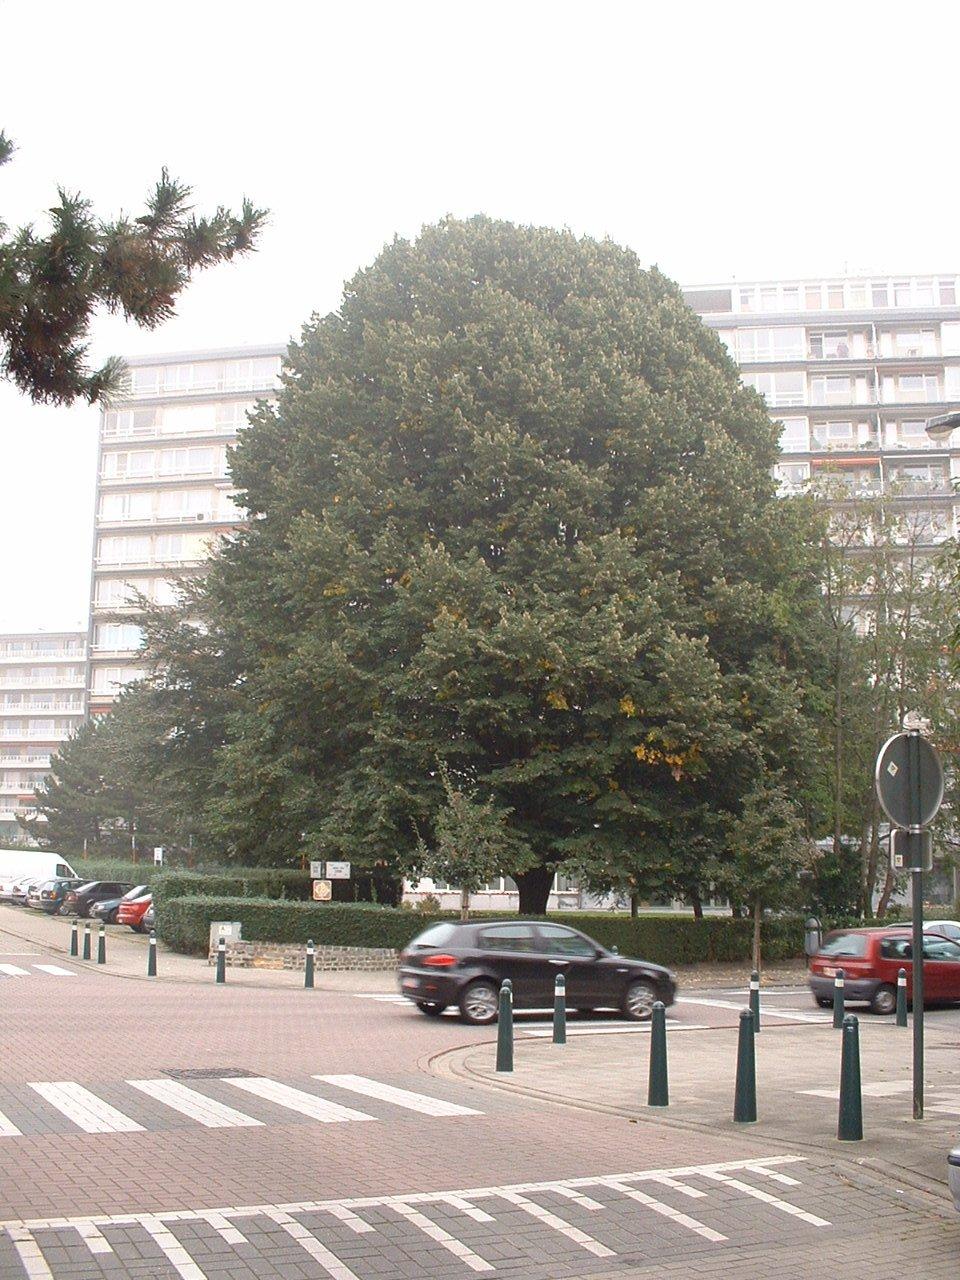 Tilleul argenté – Auderghem, Avenue Gabriel Emile Lebon, 51-53 –  05 Octobre 2005